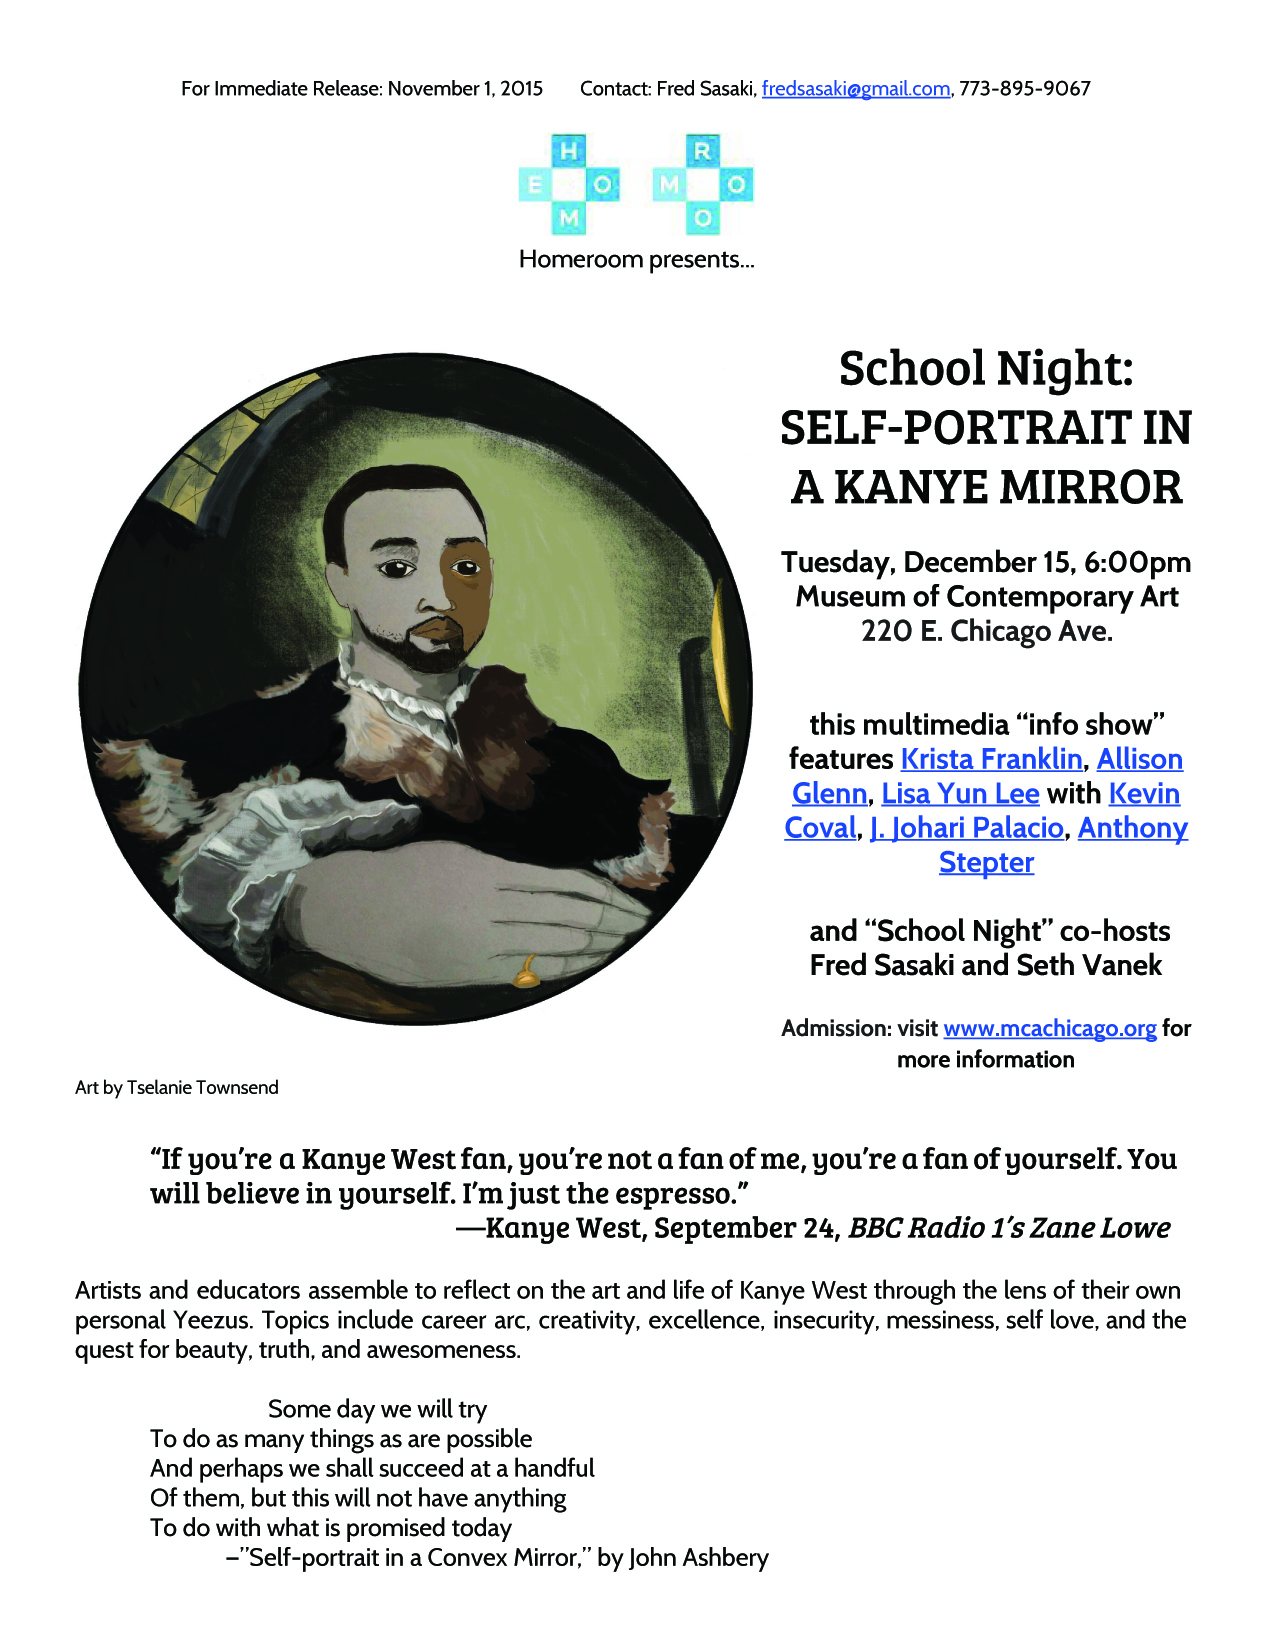 School Night 101 Press Release 1/2